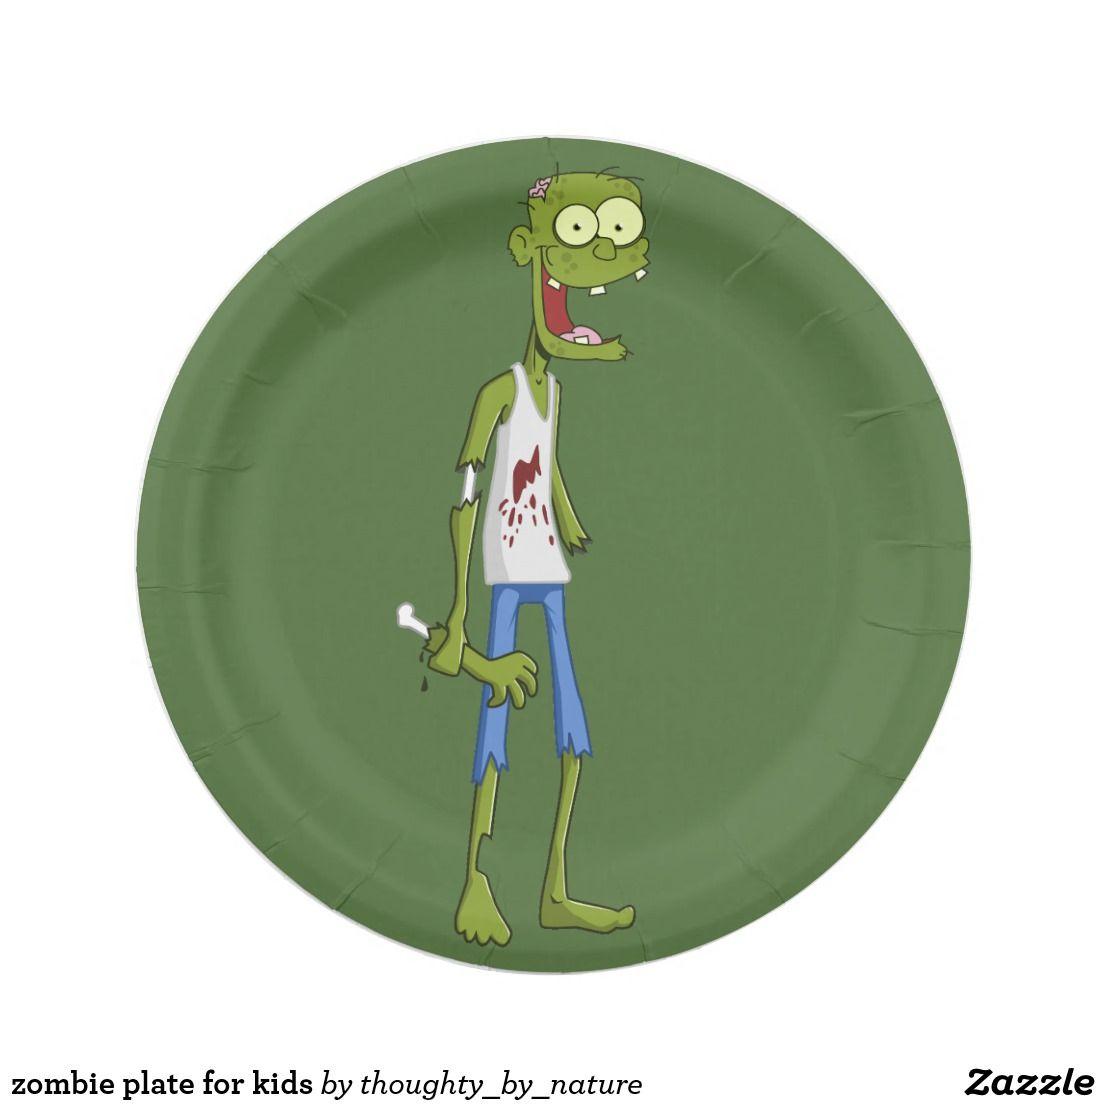 zombie plate for kids | Zazzle.com | Zombie plates, Zombie ...